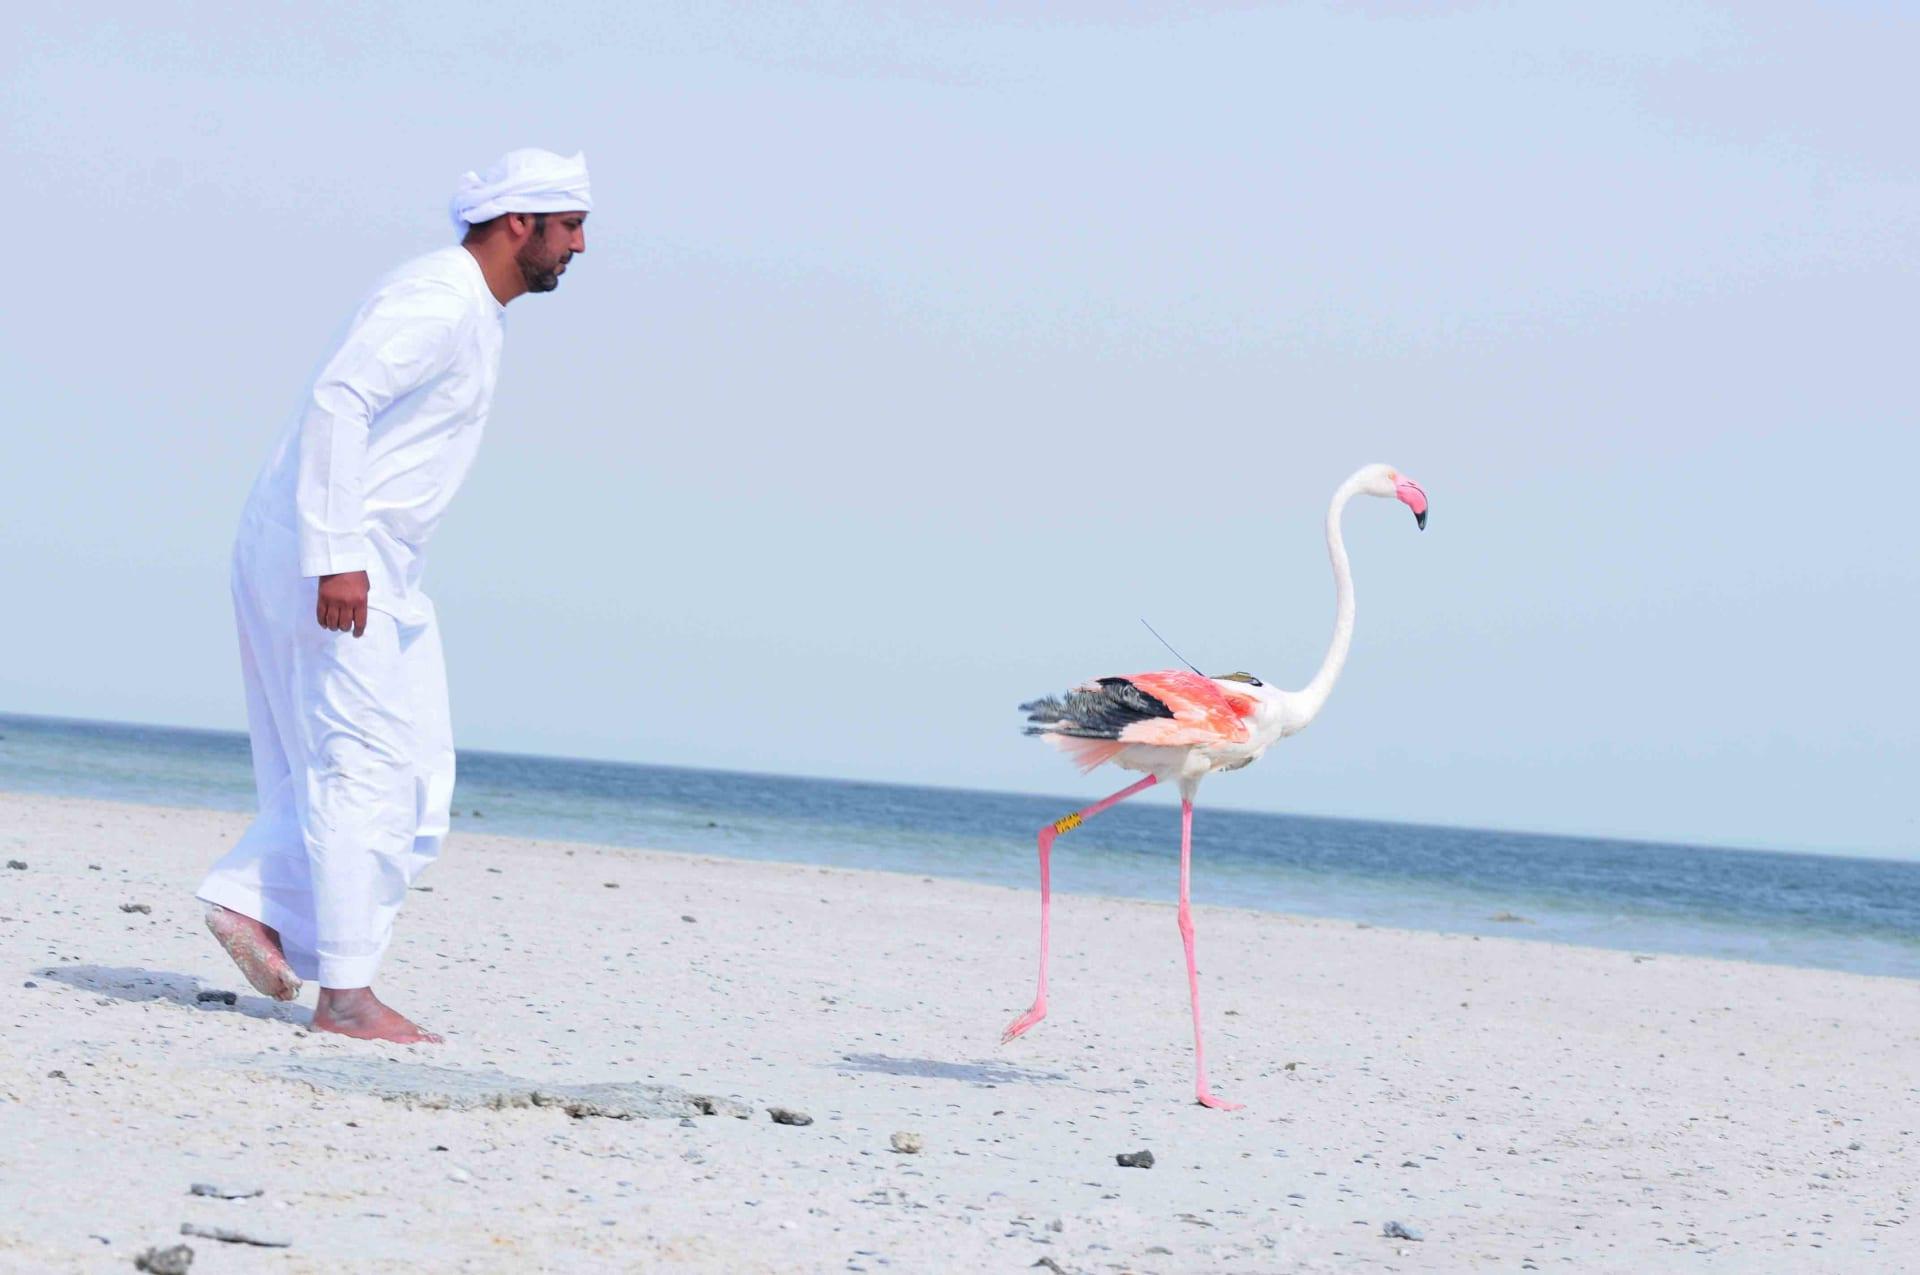 طائر فلامينغو يقطع أكثر من ألف و300 كيلومتر بماراثون أبوظبي للطيور